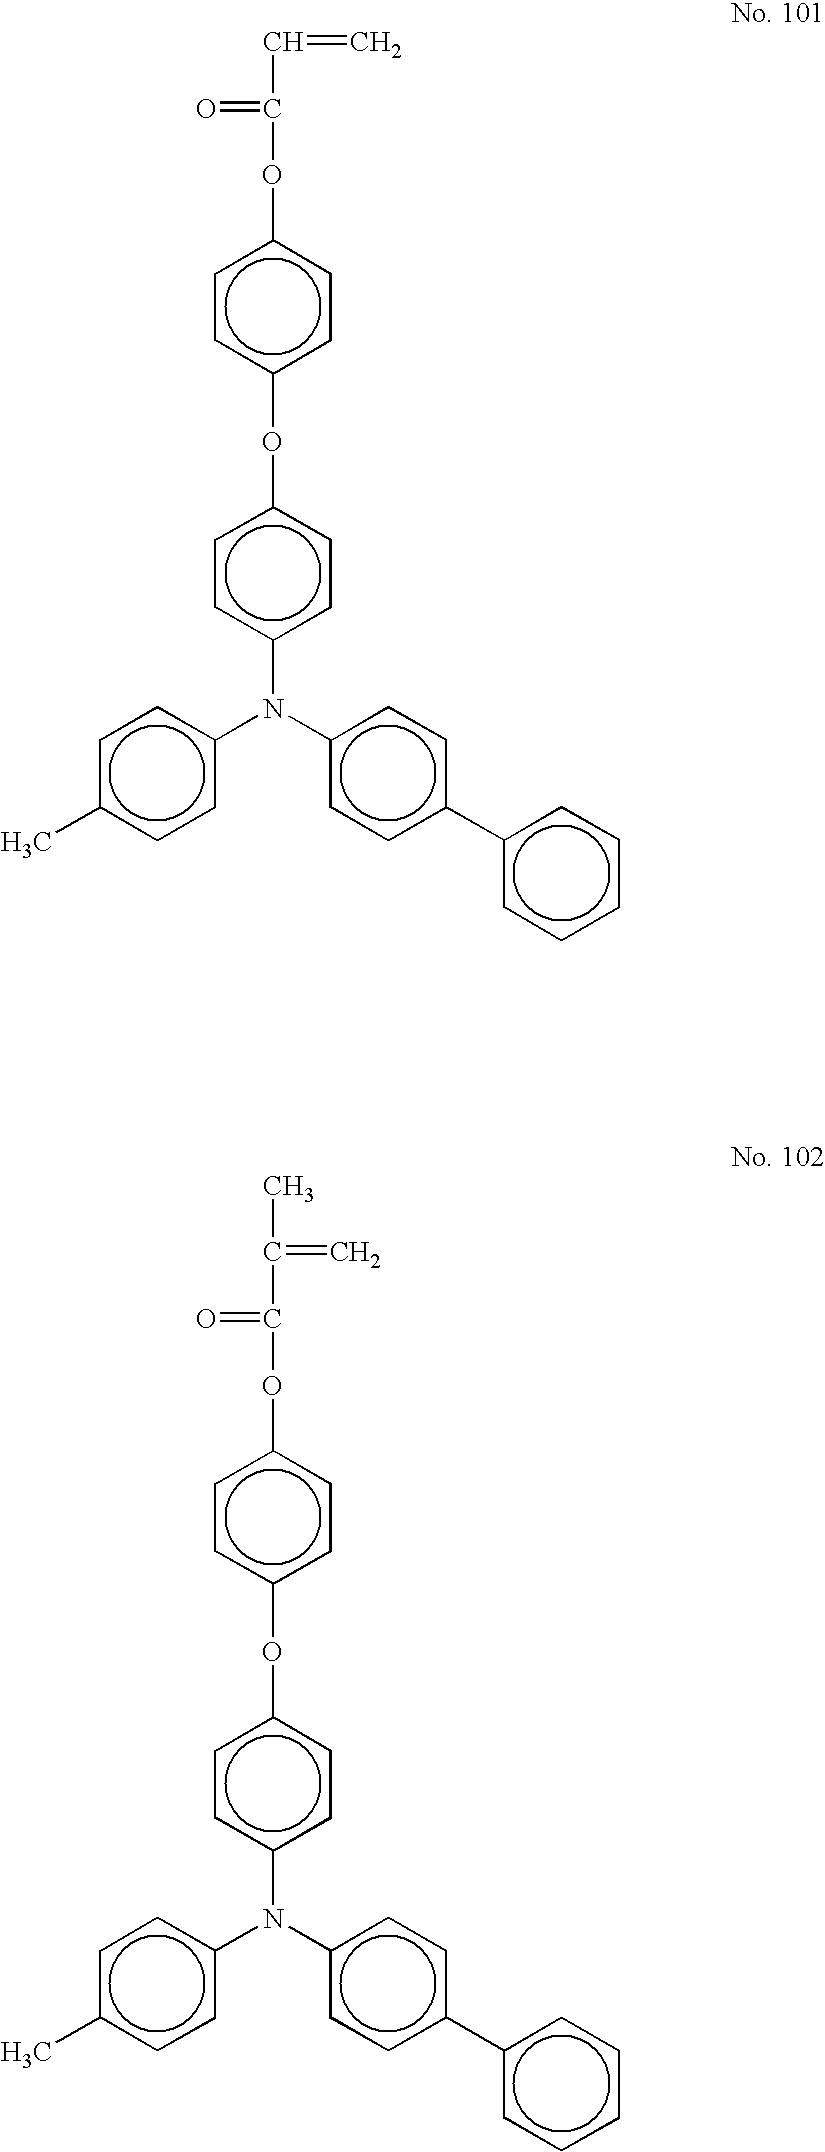 Figure US20060177749A1-20060810-C00051